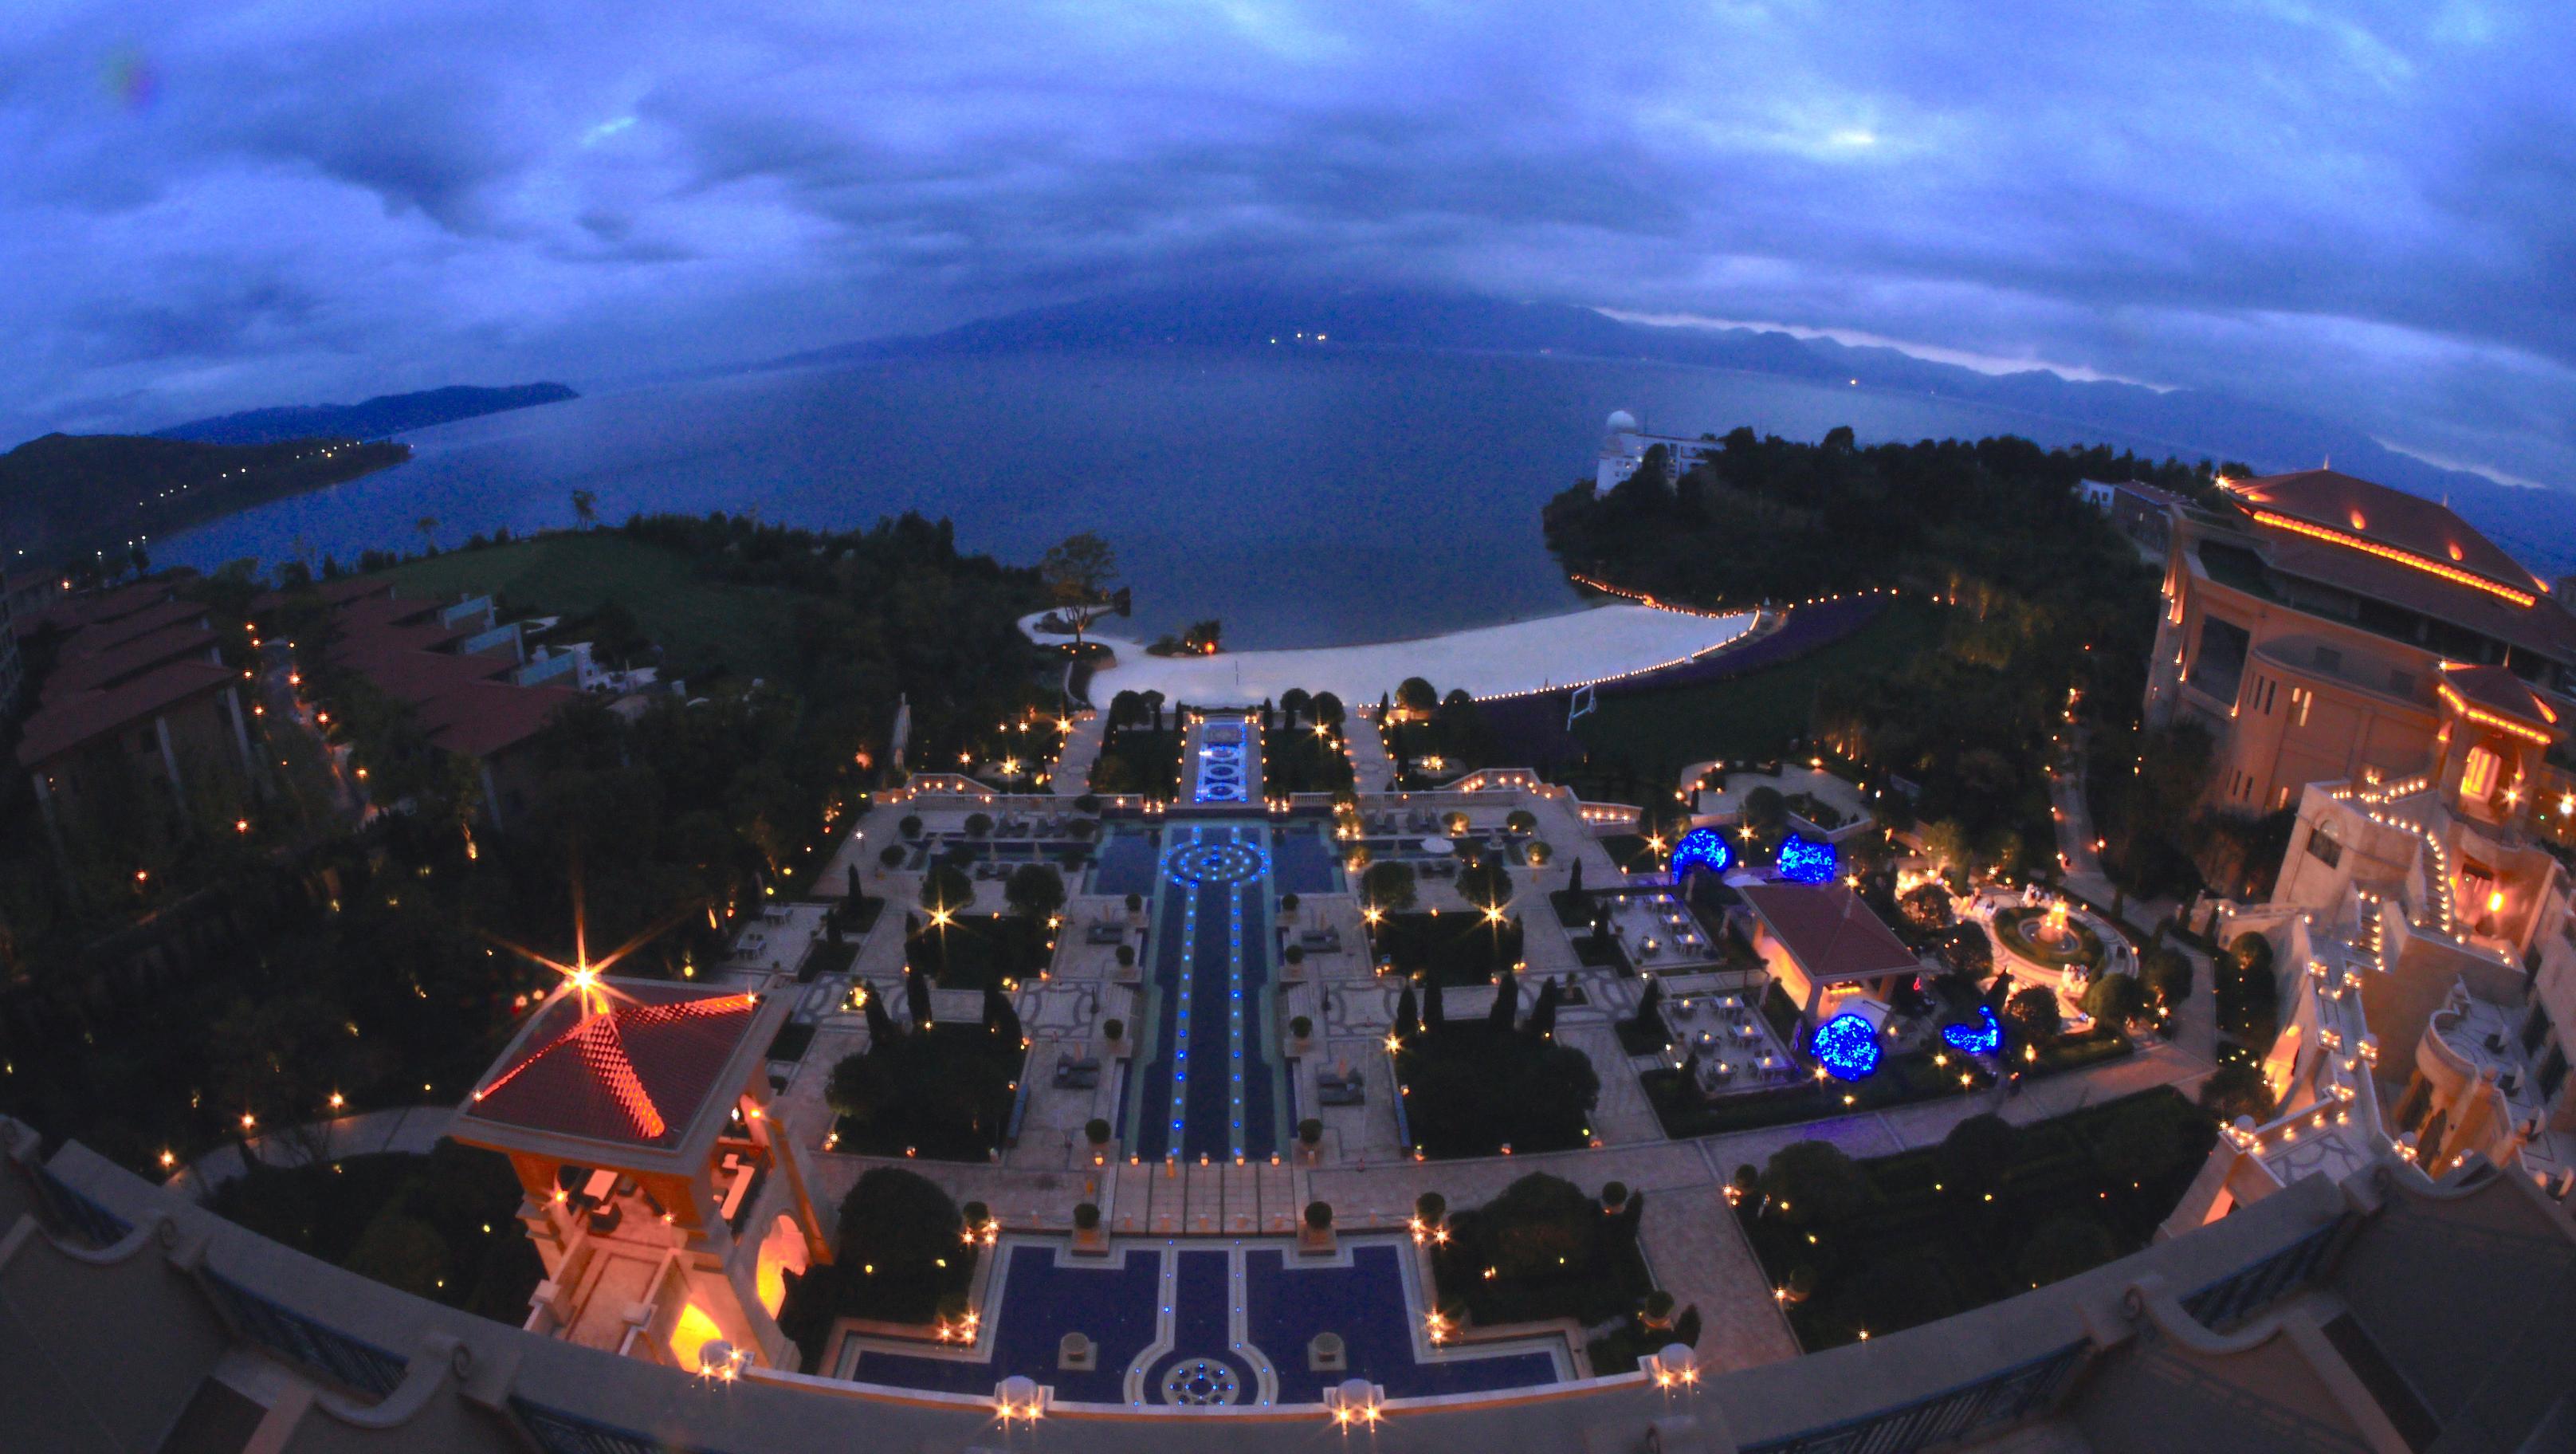 Socialight 3 Hilton Fuxian Lake Landscape 2